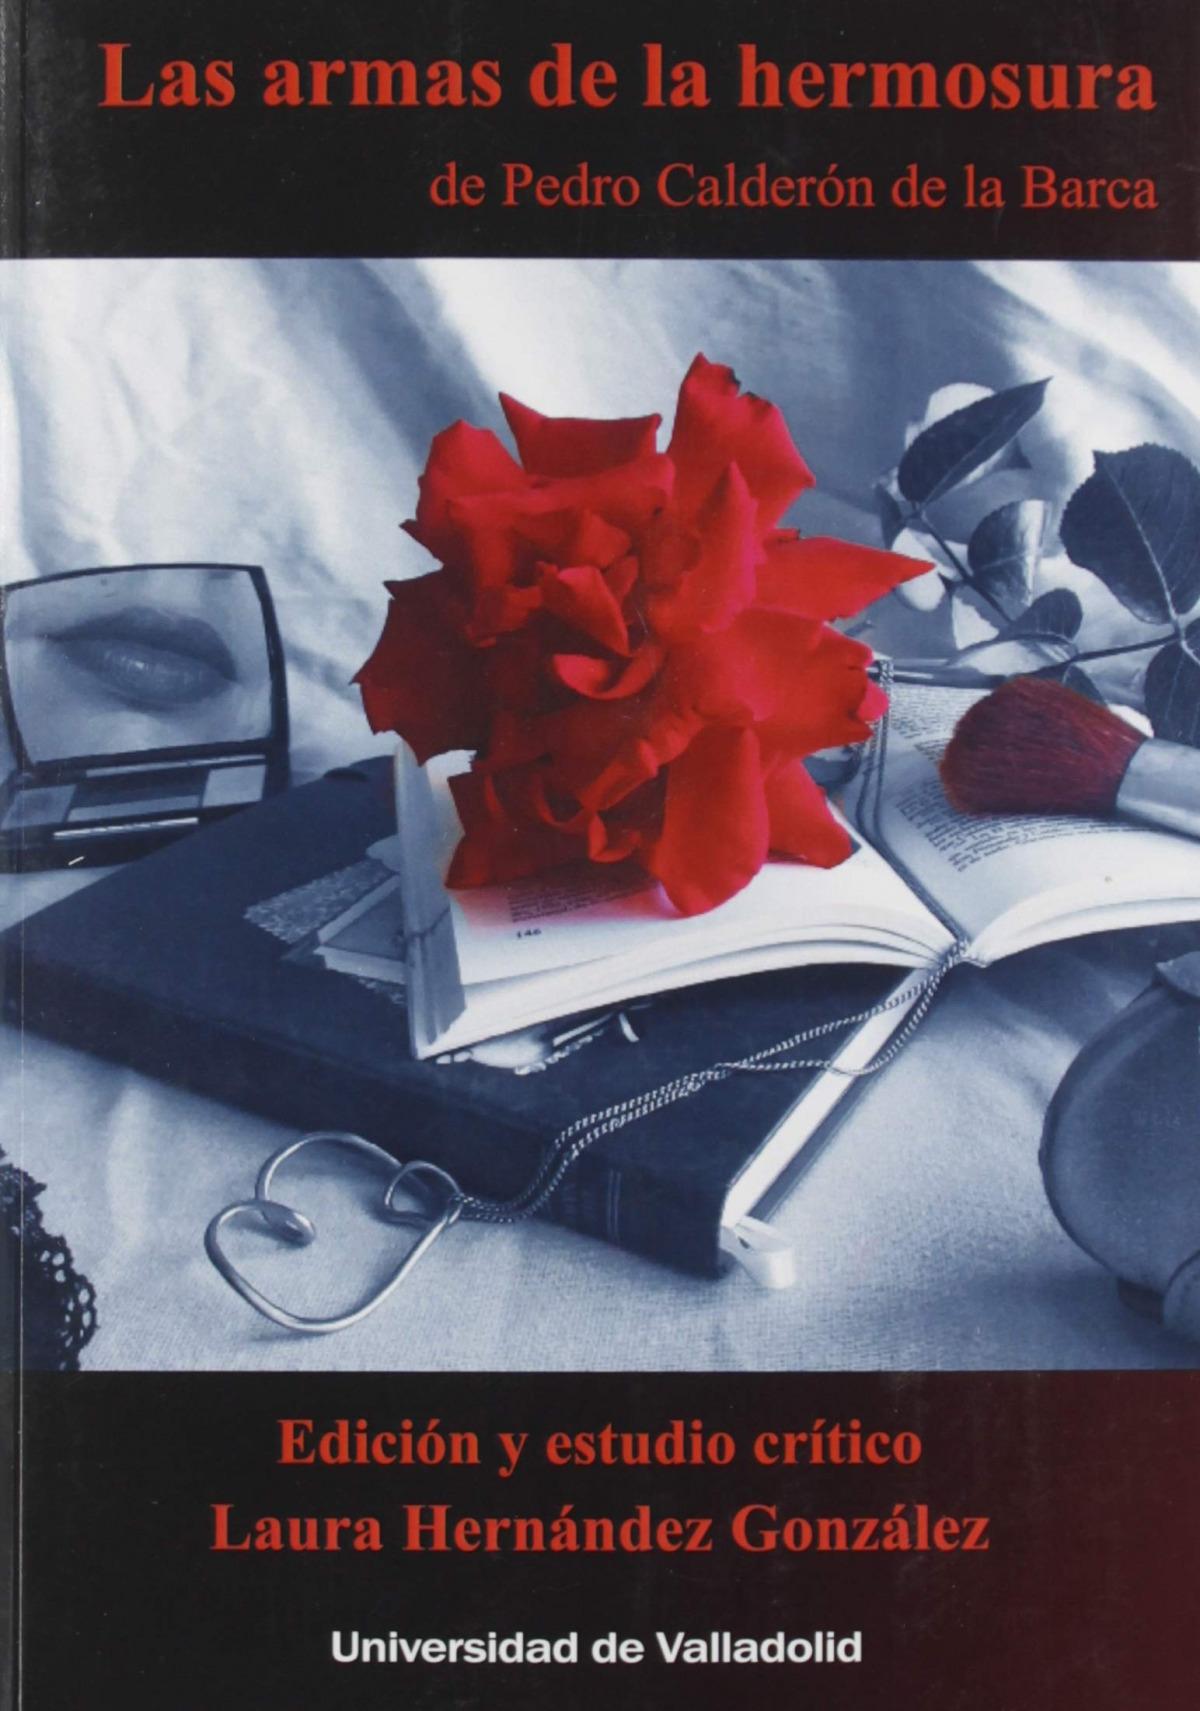 LAS ARMAS DE LA HERMOSURA DE PEDRO CALDERÓN DE LA BARCA